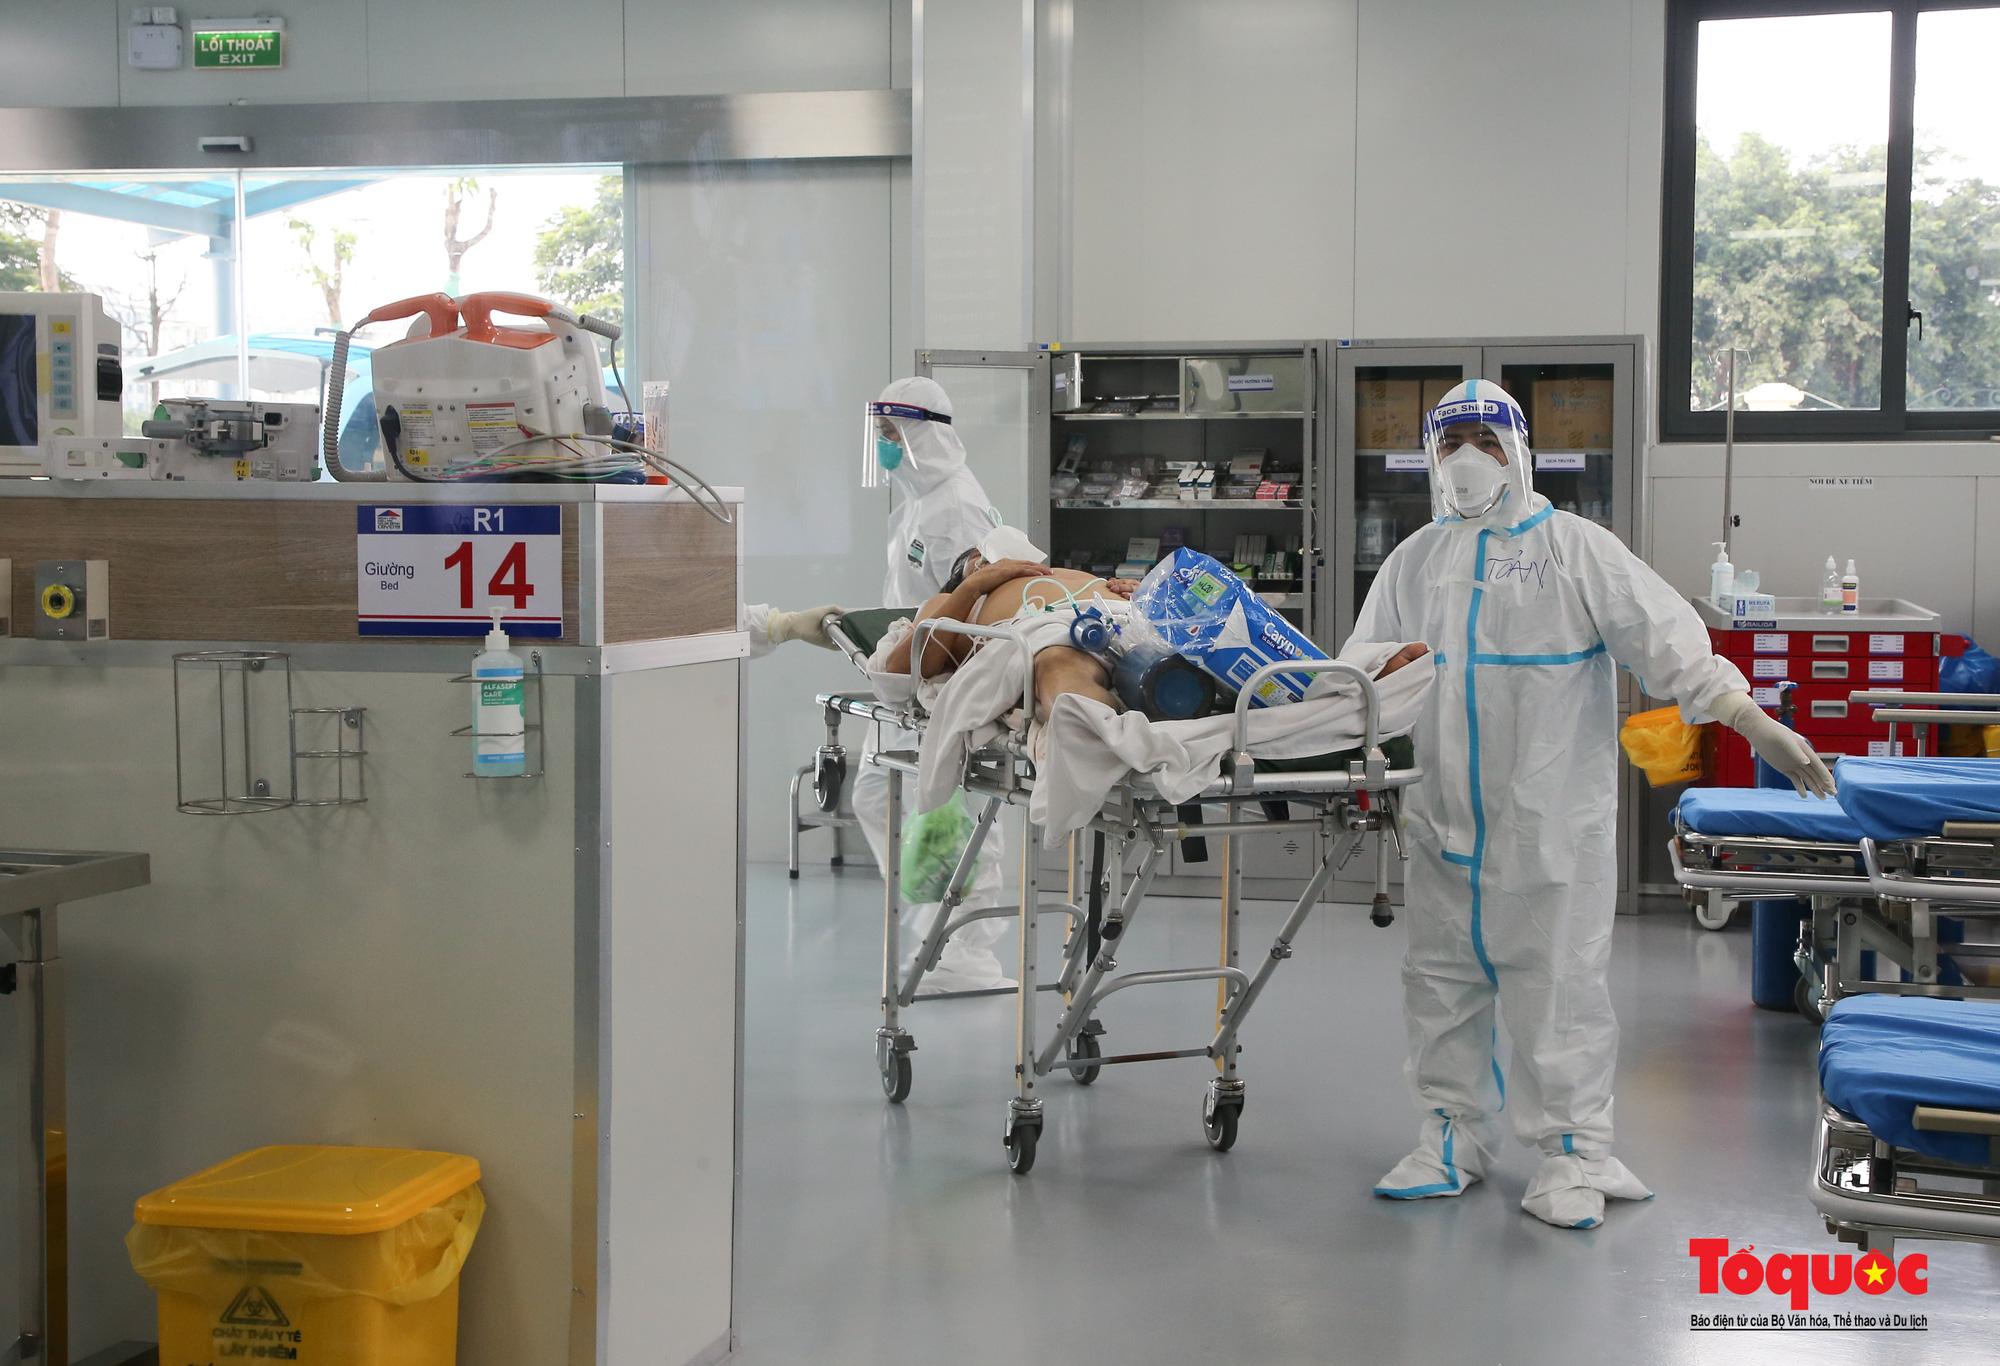 Hà Nội: Cận cảnh bên trong khu điều trị hiện đại của Bệnh viện điều trị người bệnh Covid 19  - Ảnh 3.